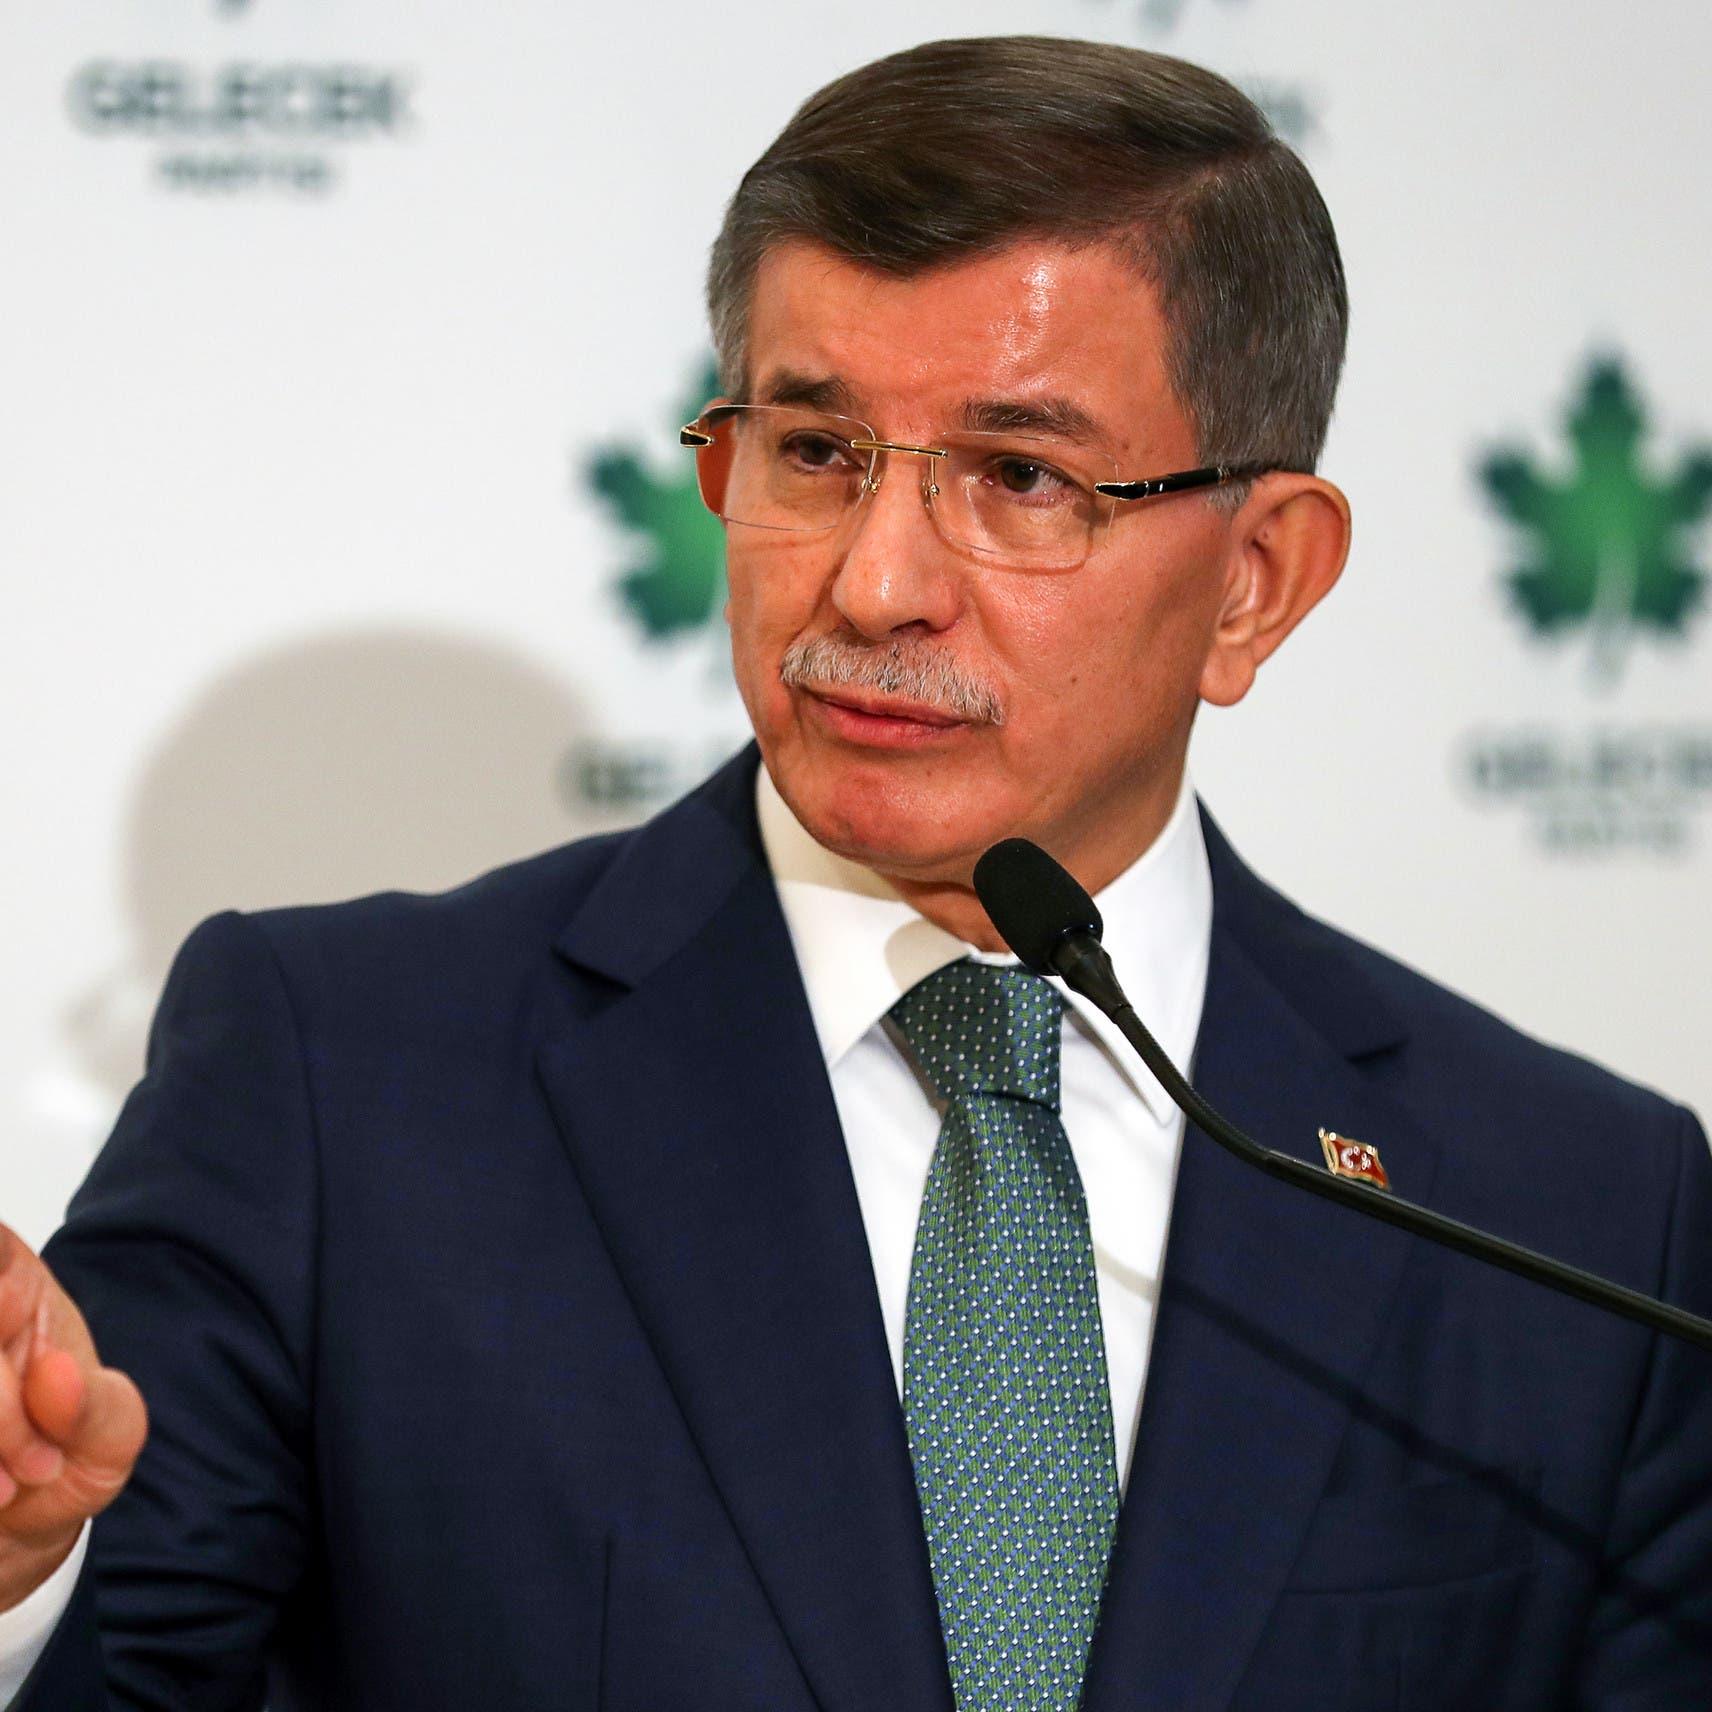 داوود أوغلو لأردوغان: الترويج لصهرك يتعارض مع أخلاق الدولة